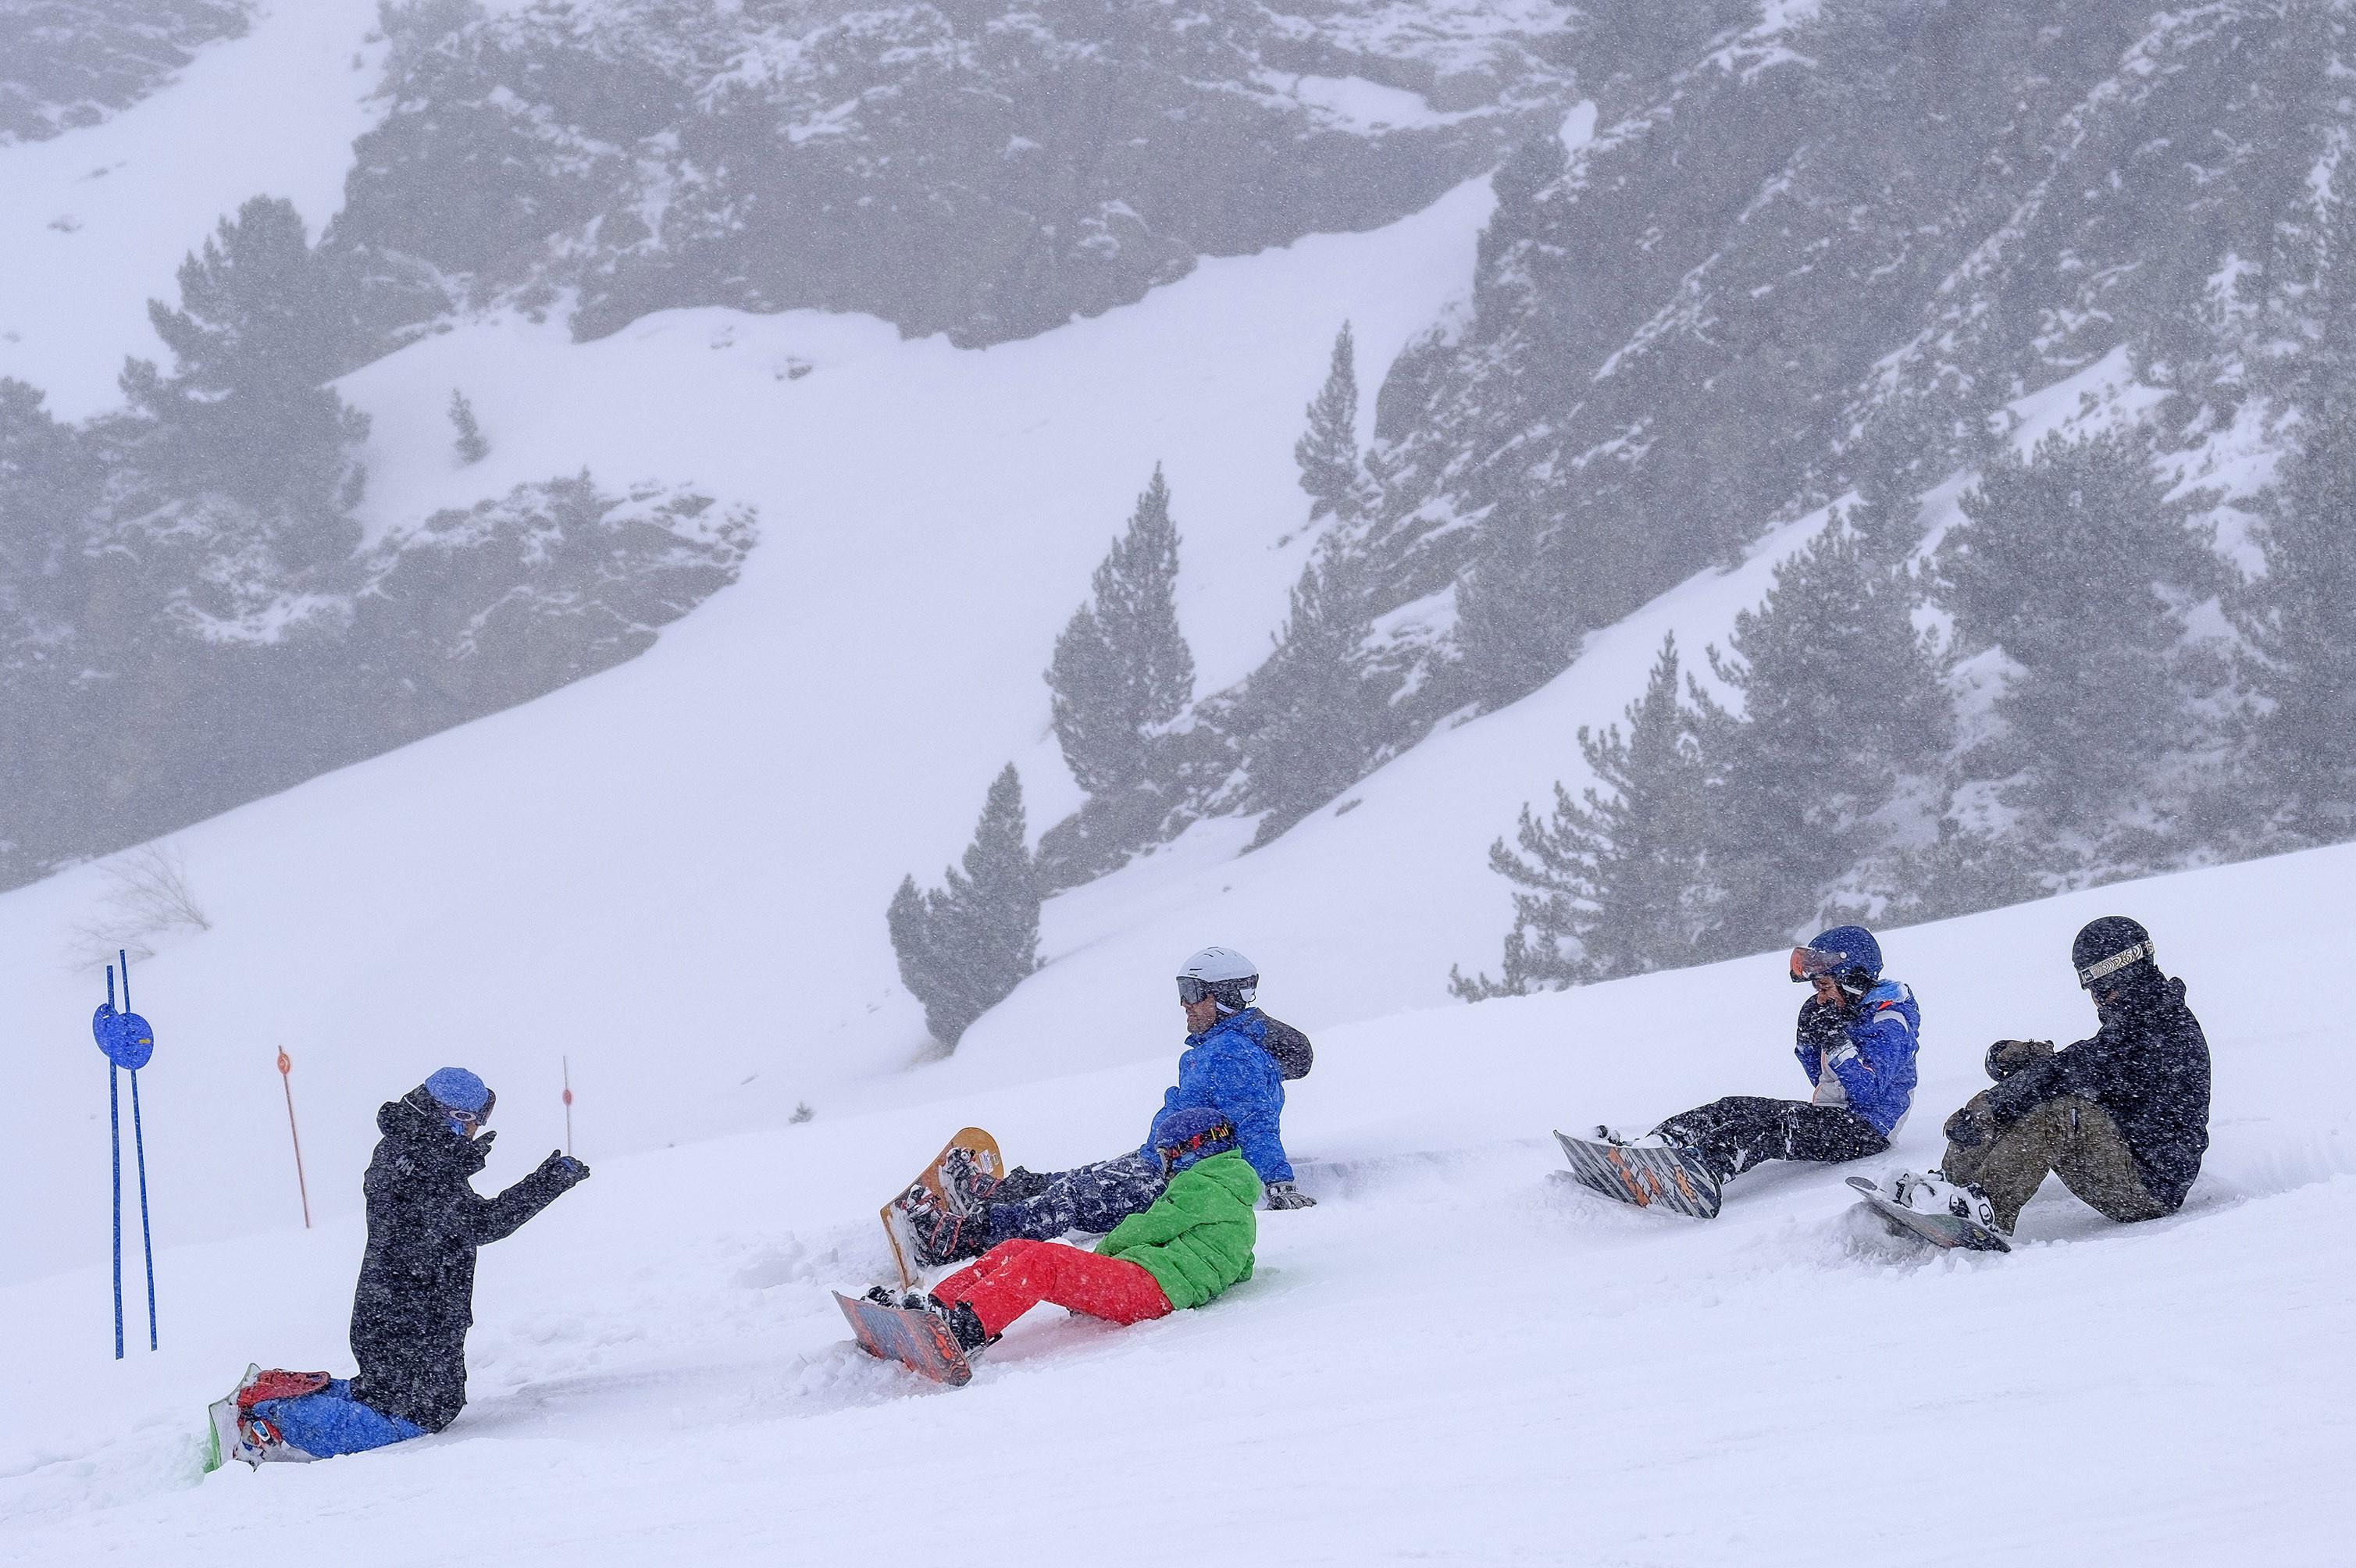 noticia ski Aramón empieza abril con nieve fresca en sus pistas y muchas actividades de esquí